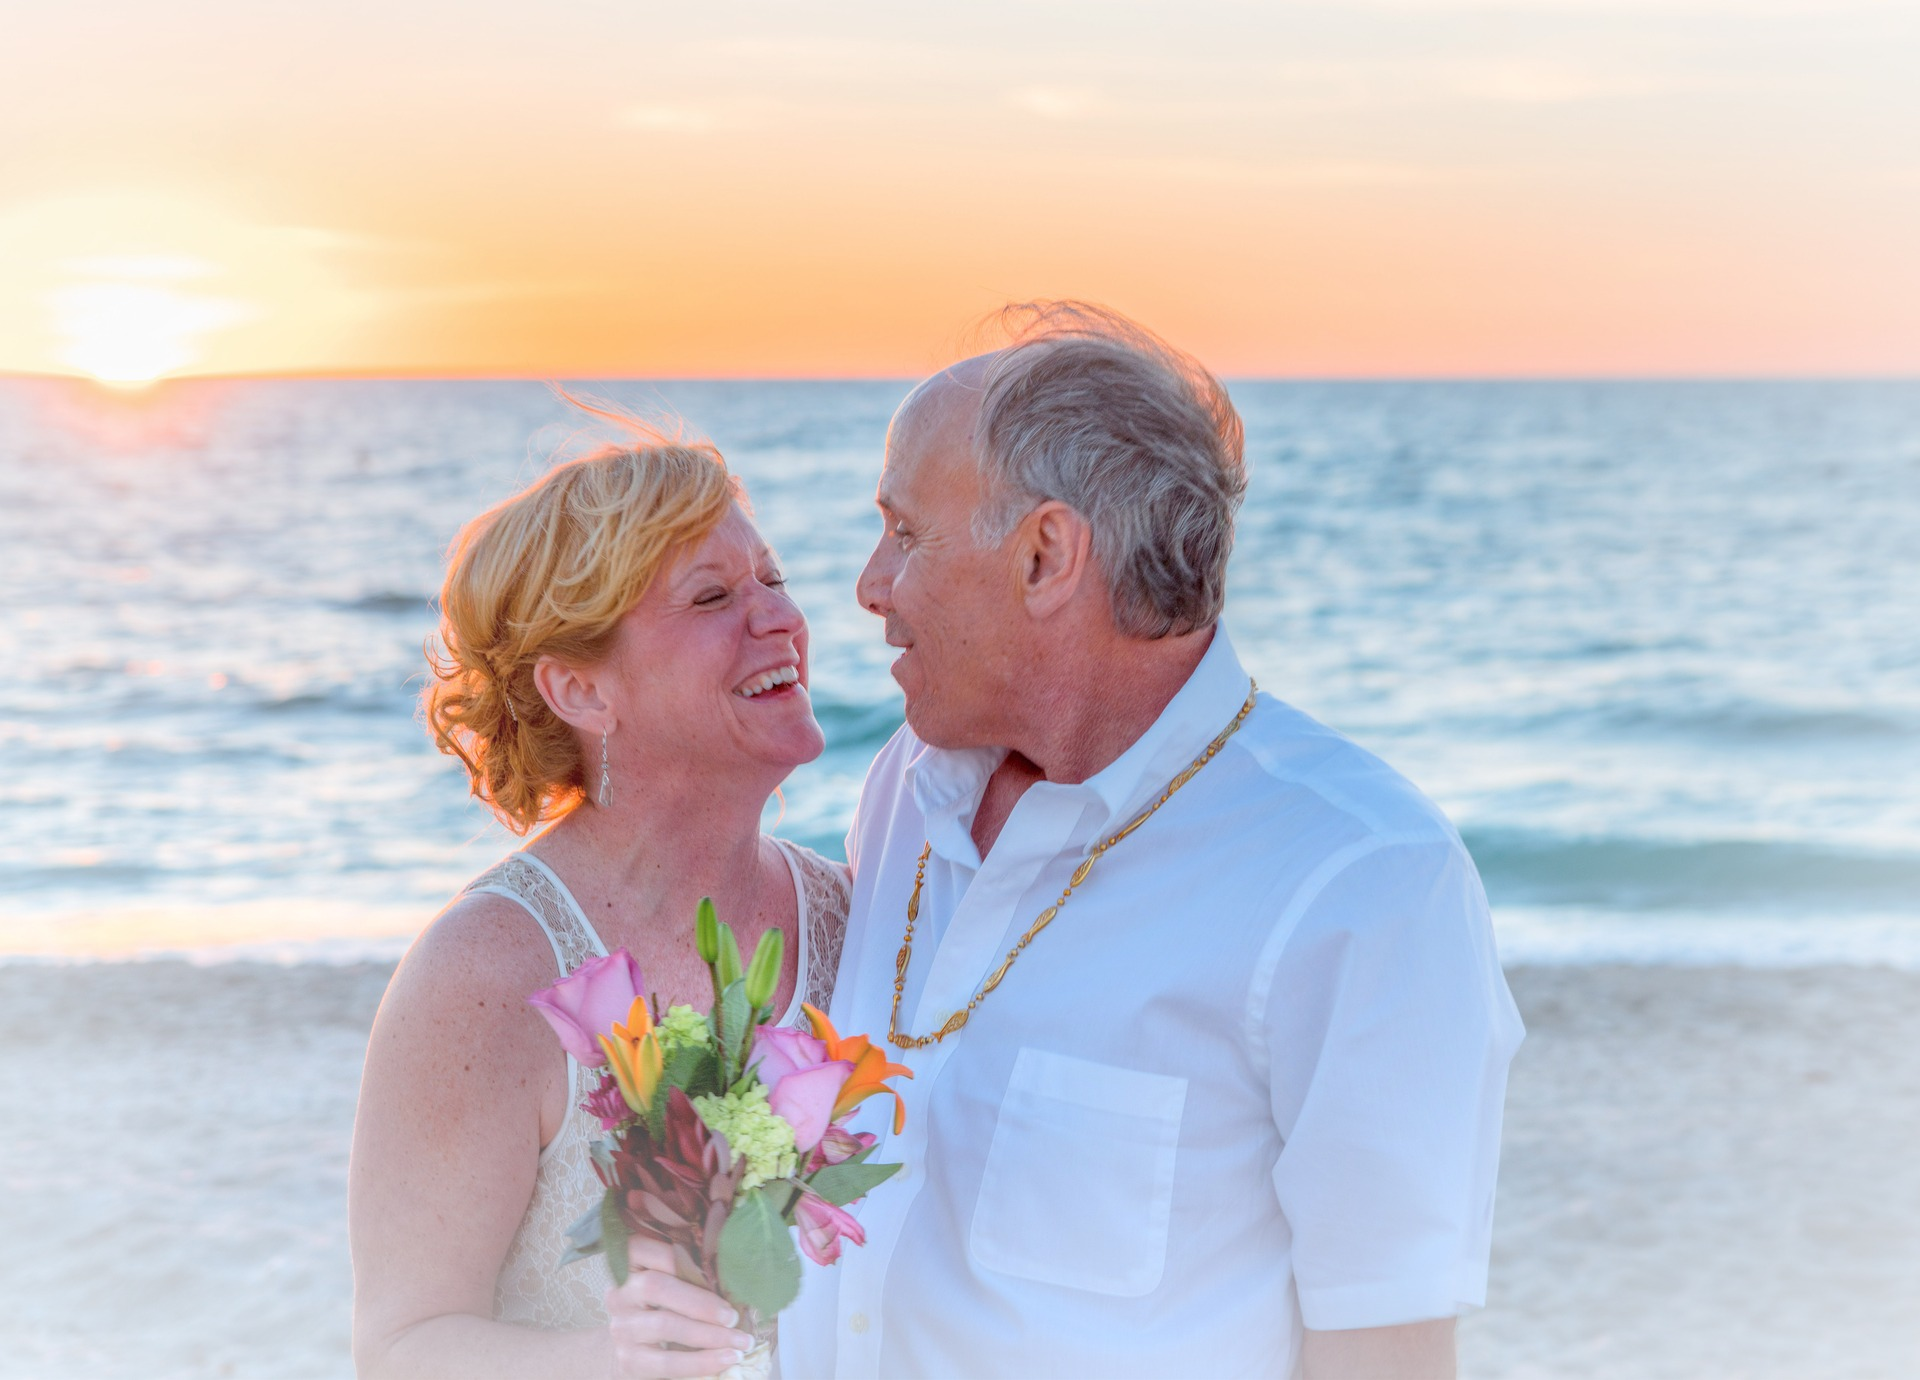 Vows beach-wedding-1934732_1920